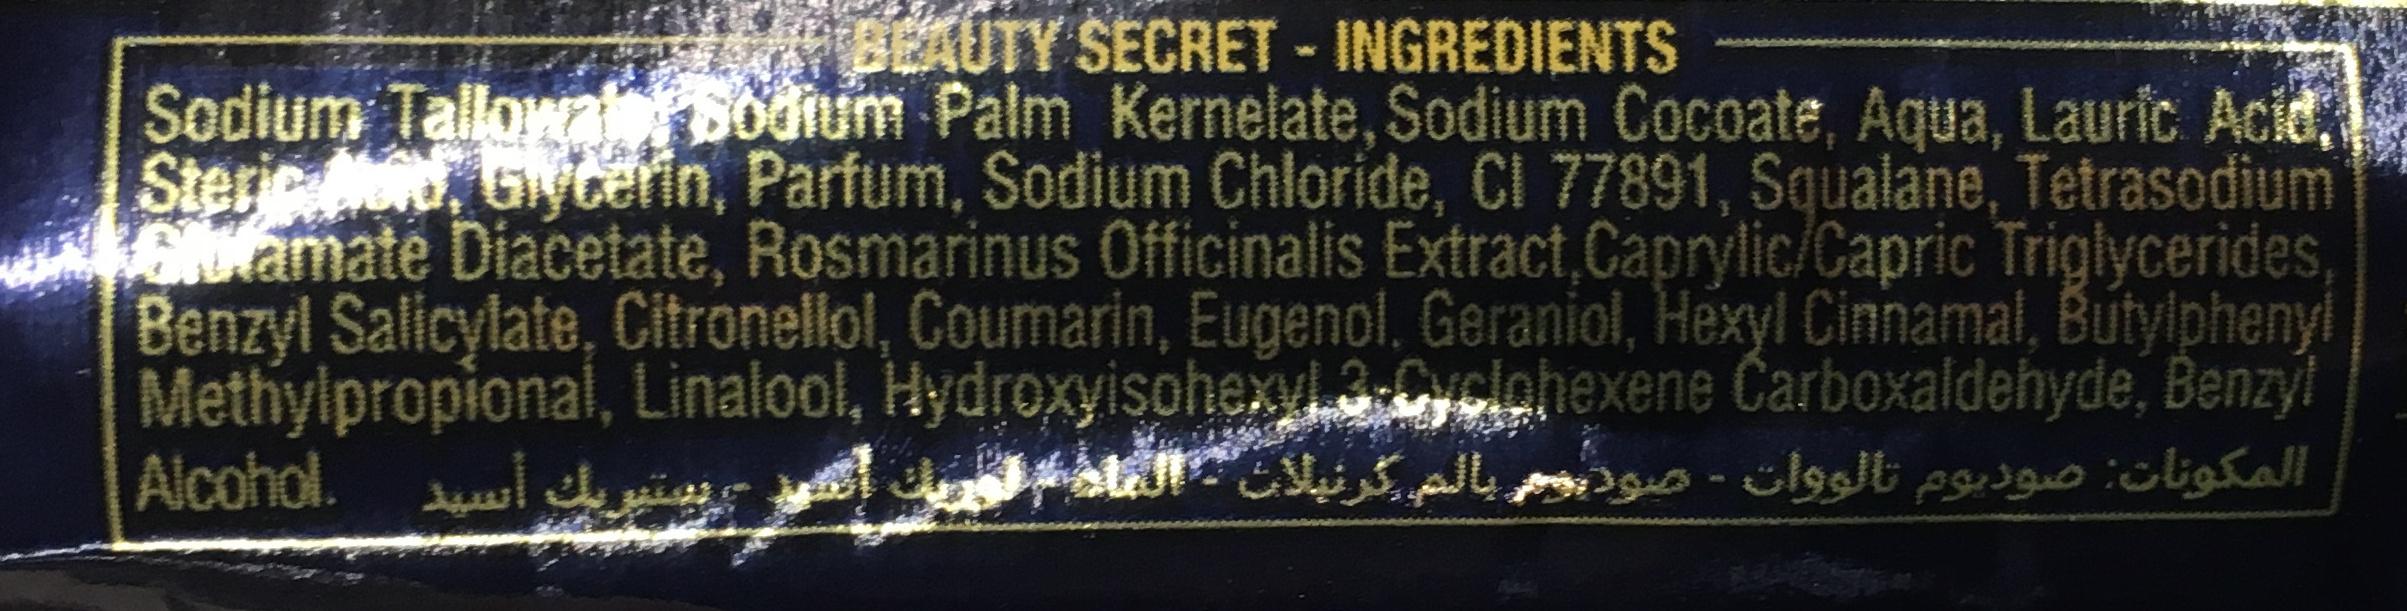 Savon Crème de Beauté - Ingrédients - fr